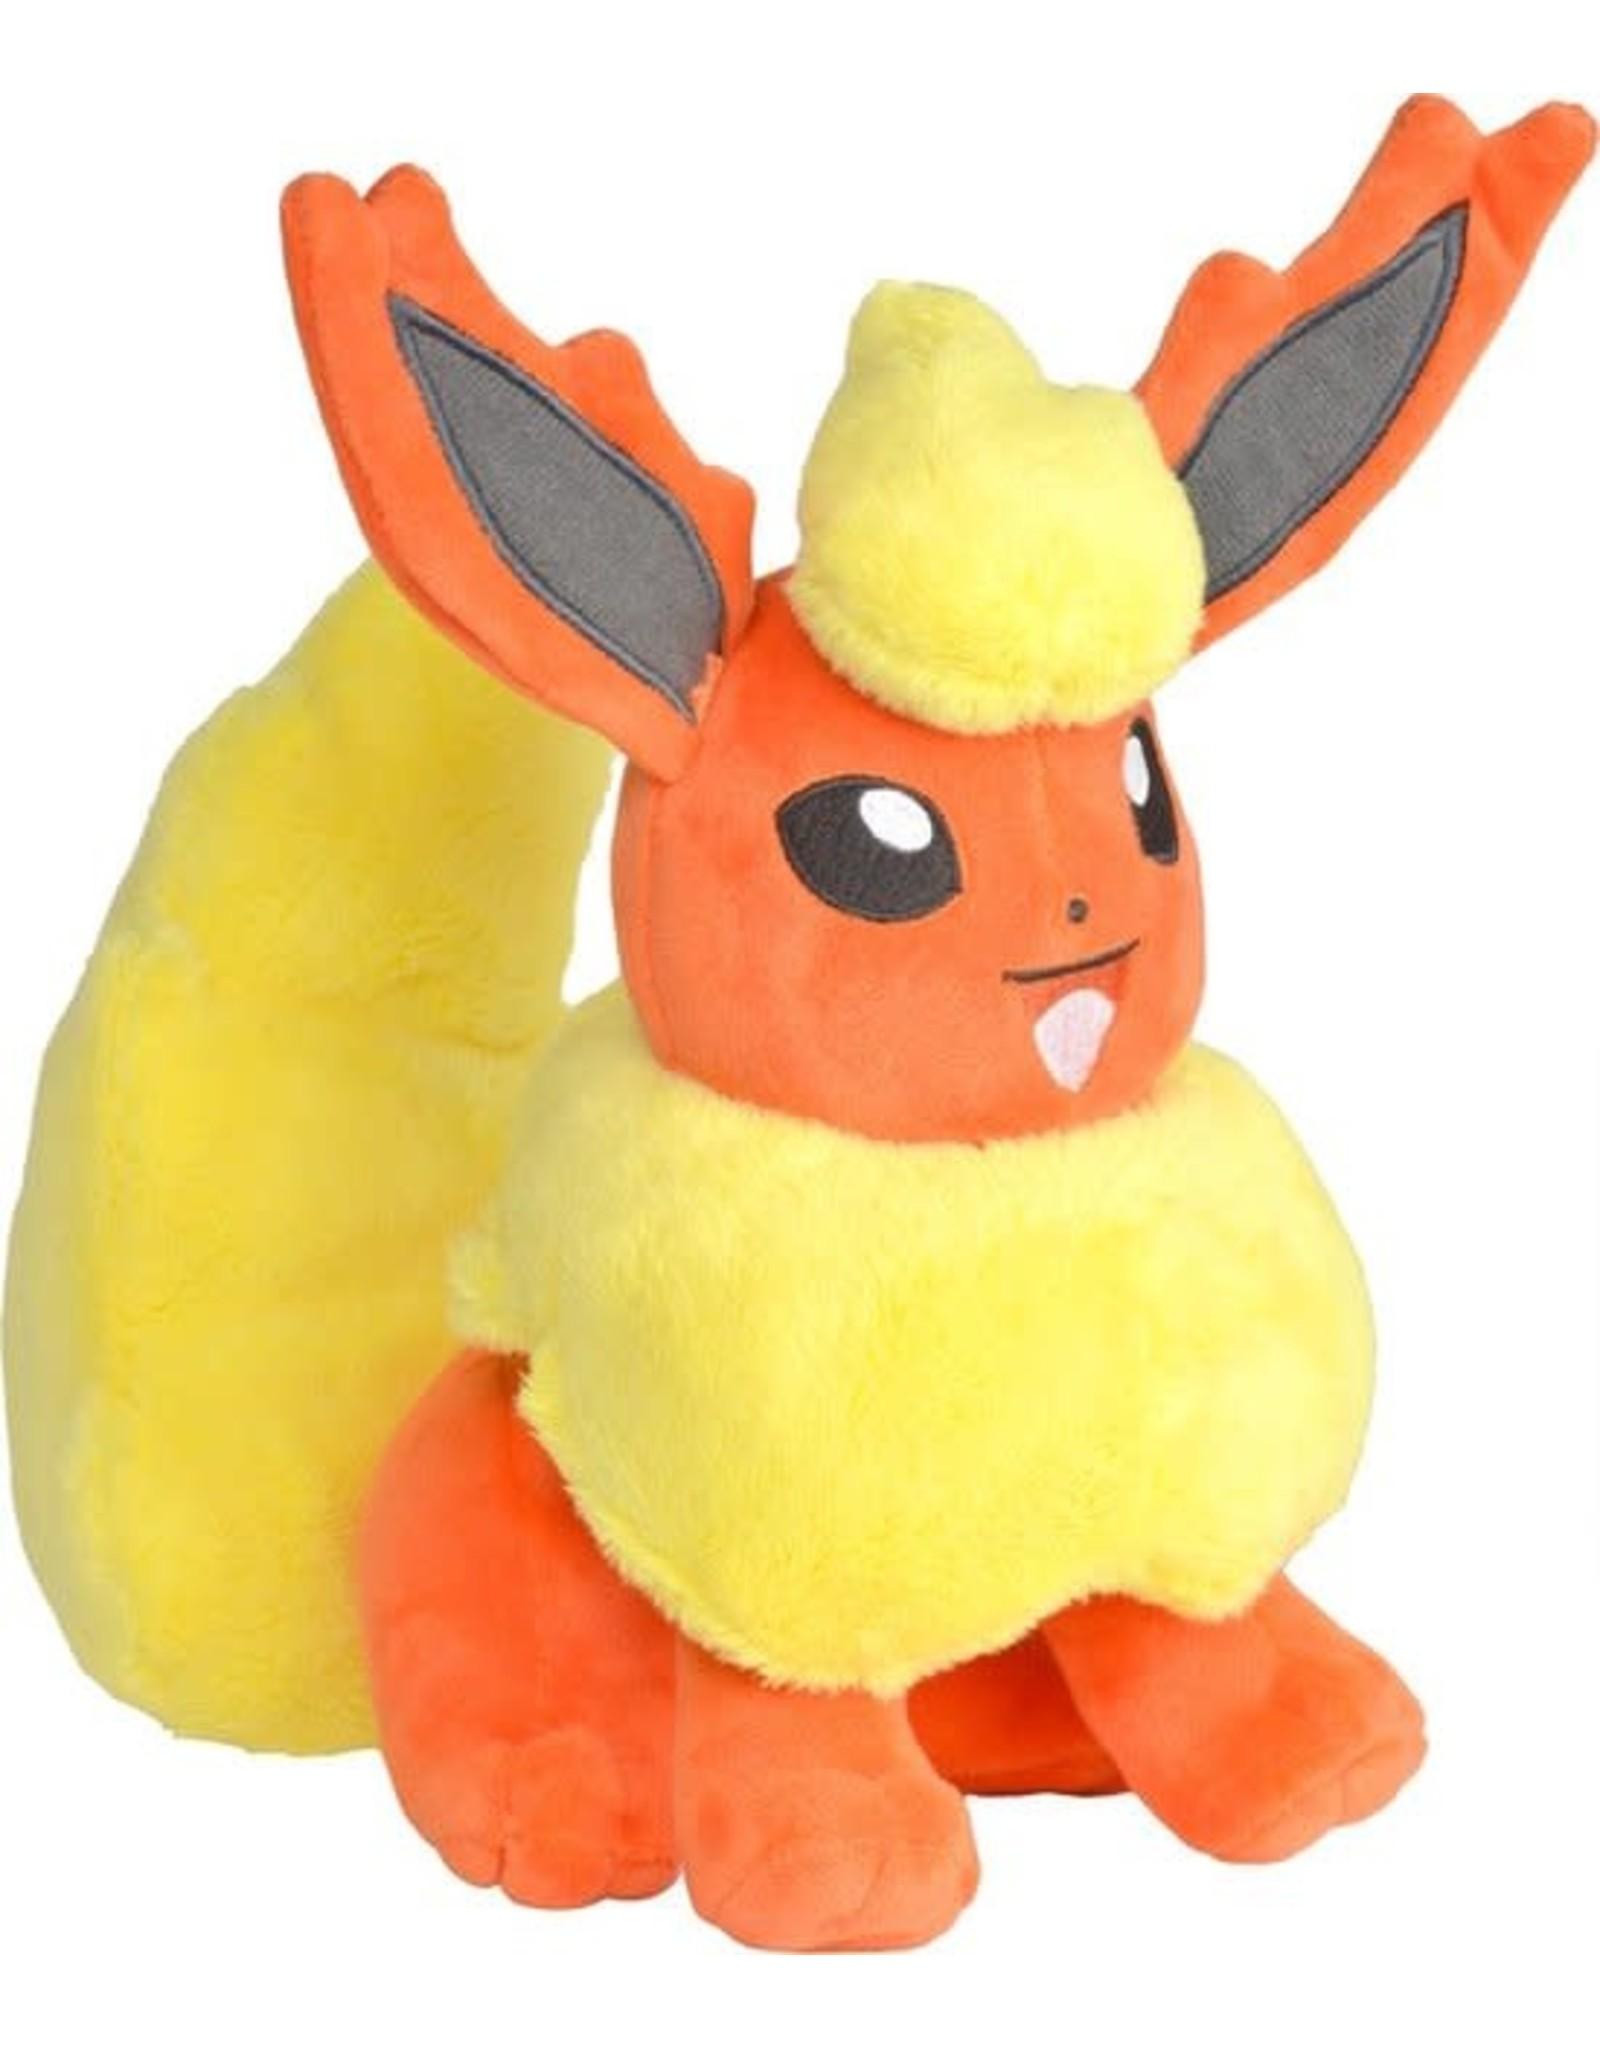 Flareon - Pokémon Plush - 20cm